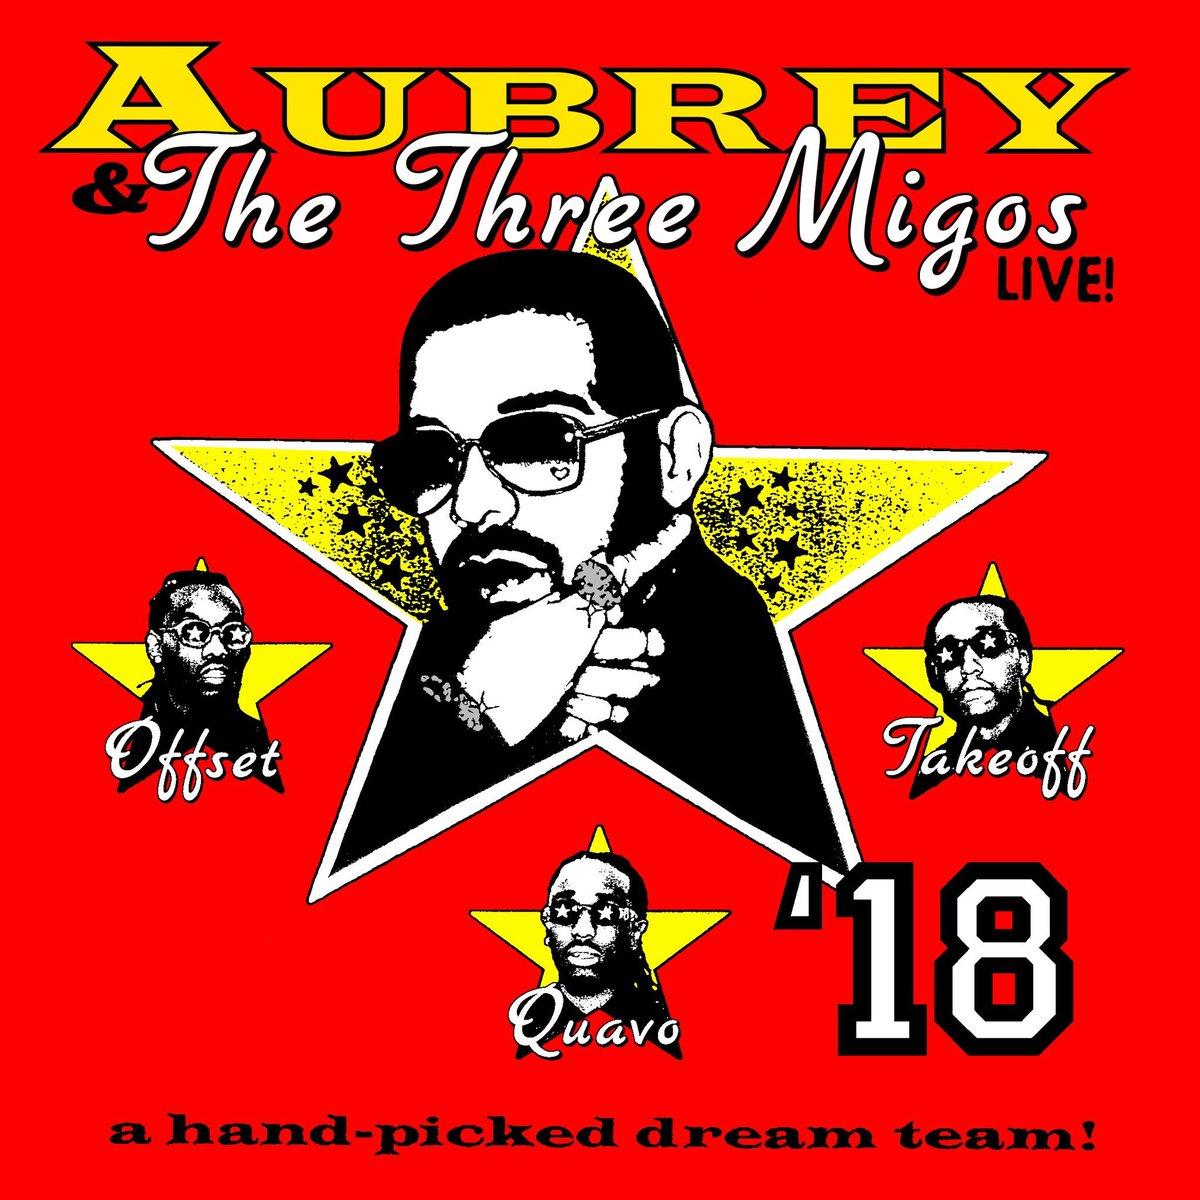 Aubrey & The Three Amigos Tour @Drake x @Migos presale starts tomorrow! drakeofficial.com/tour-dates.html